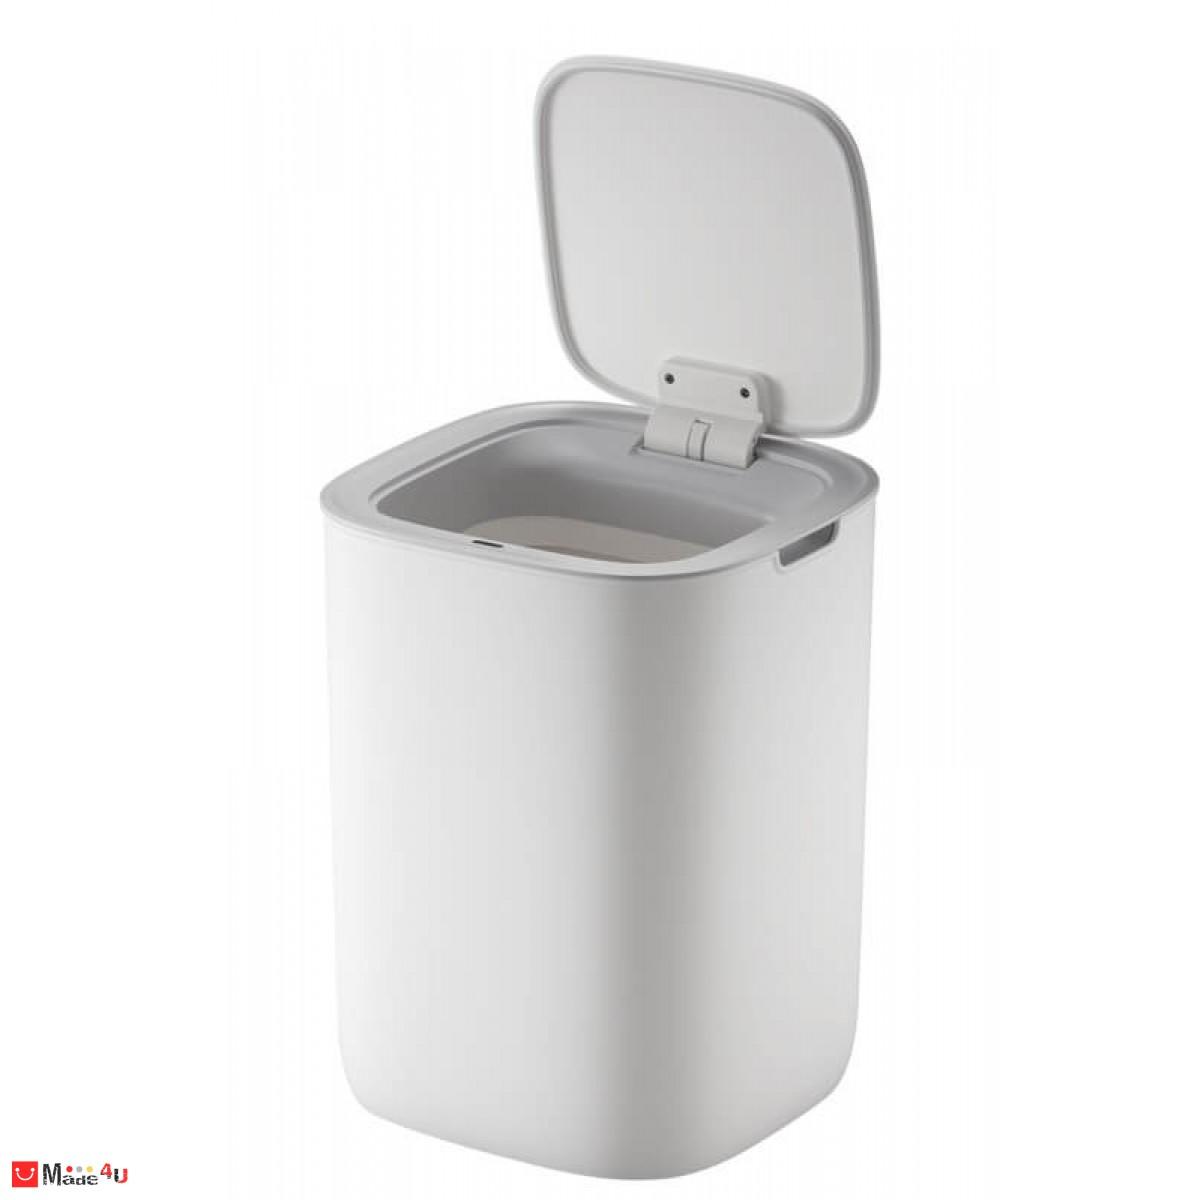 Сензорен кош за отпадъци - 12 литра, бял. Модел MORANDI SMART, марка EKO